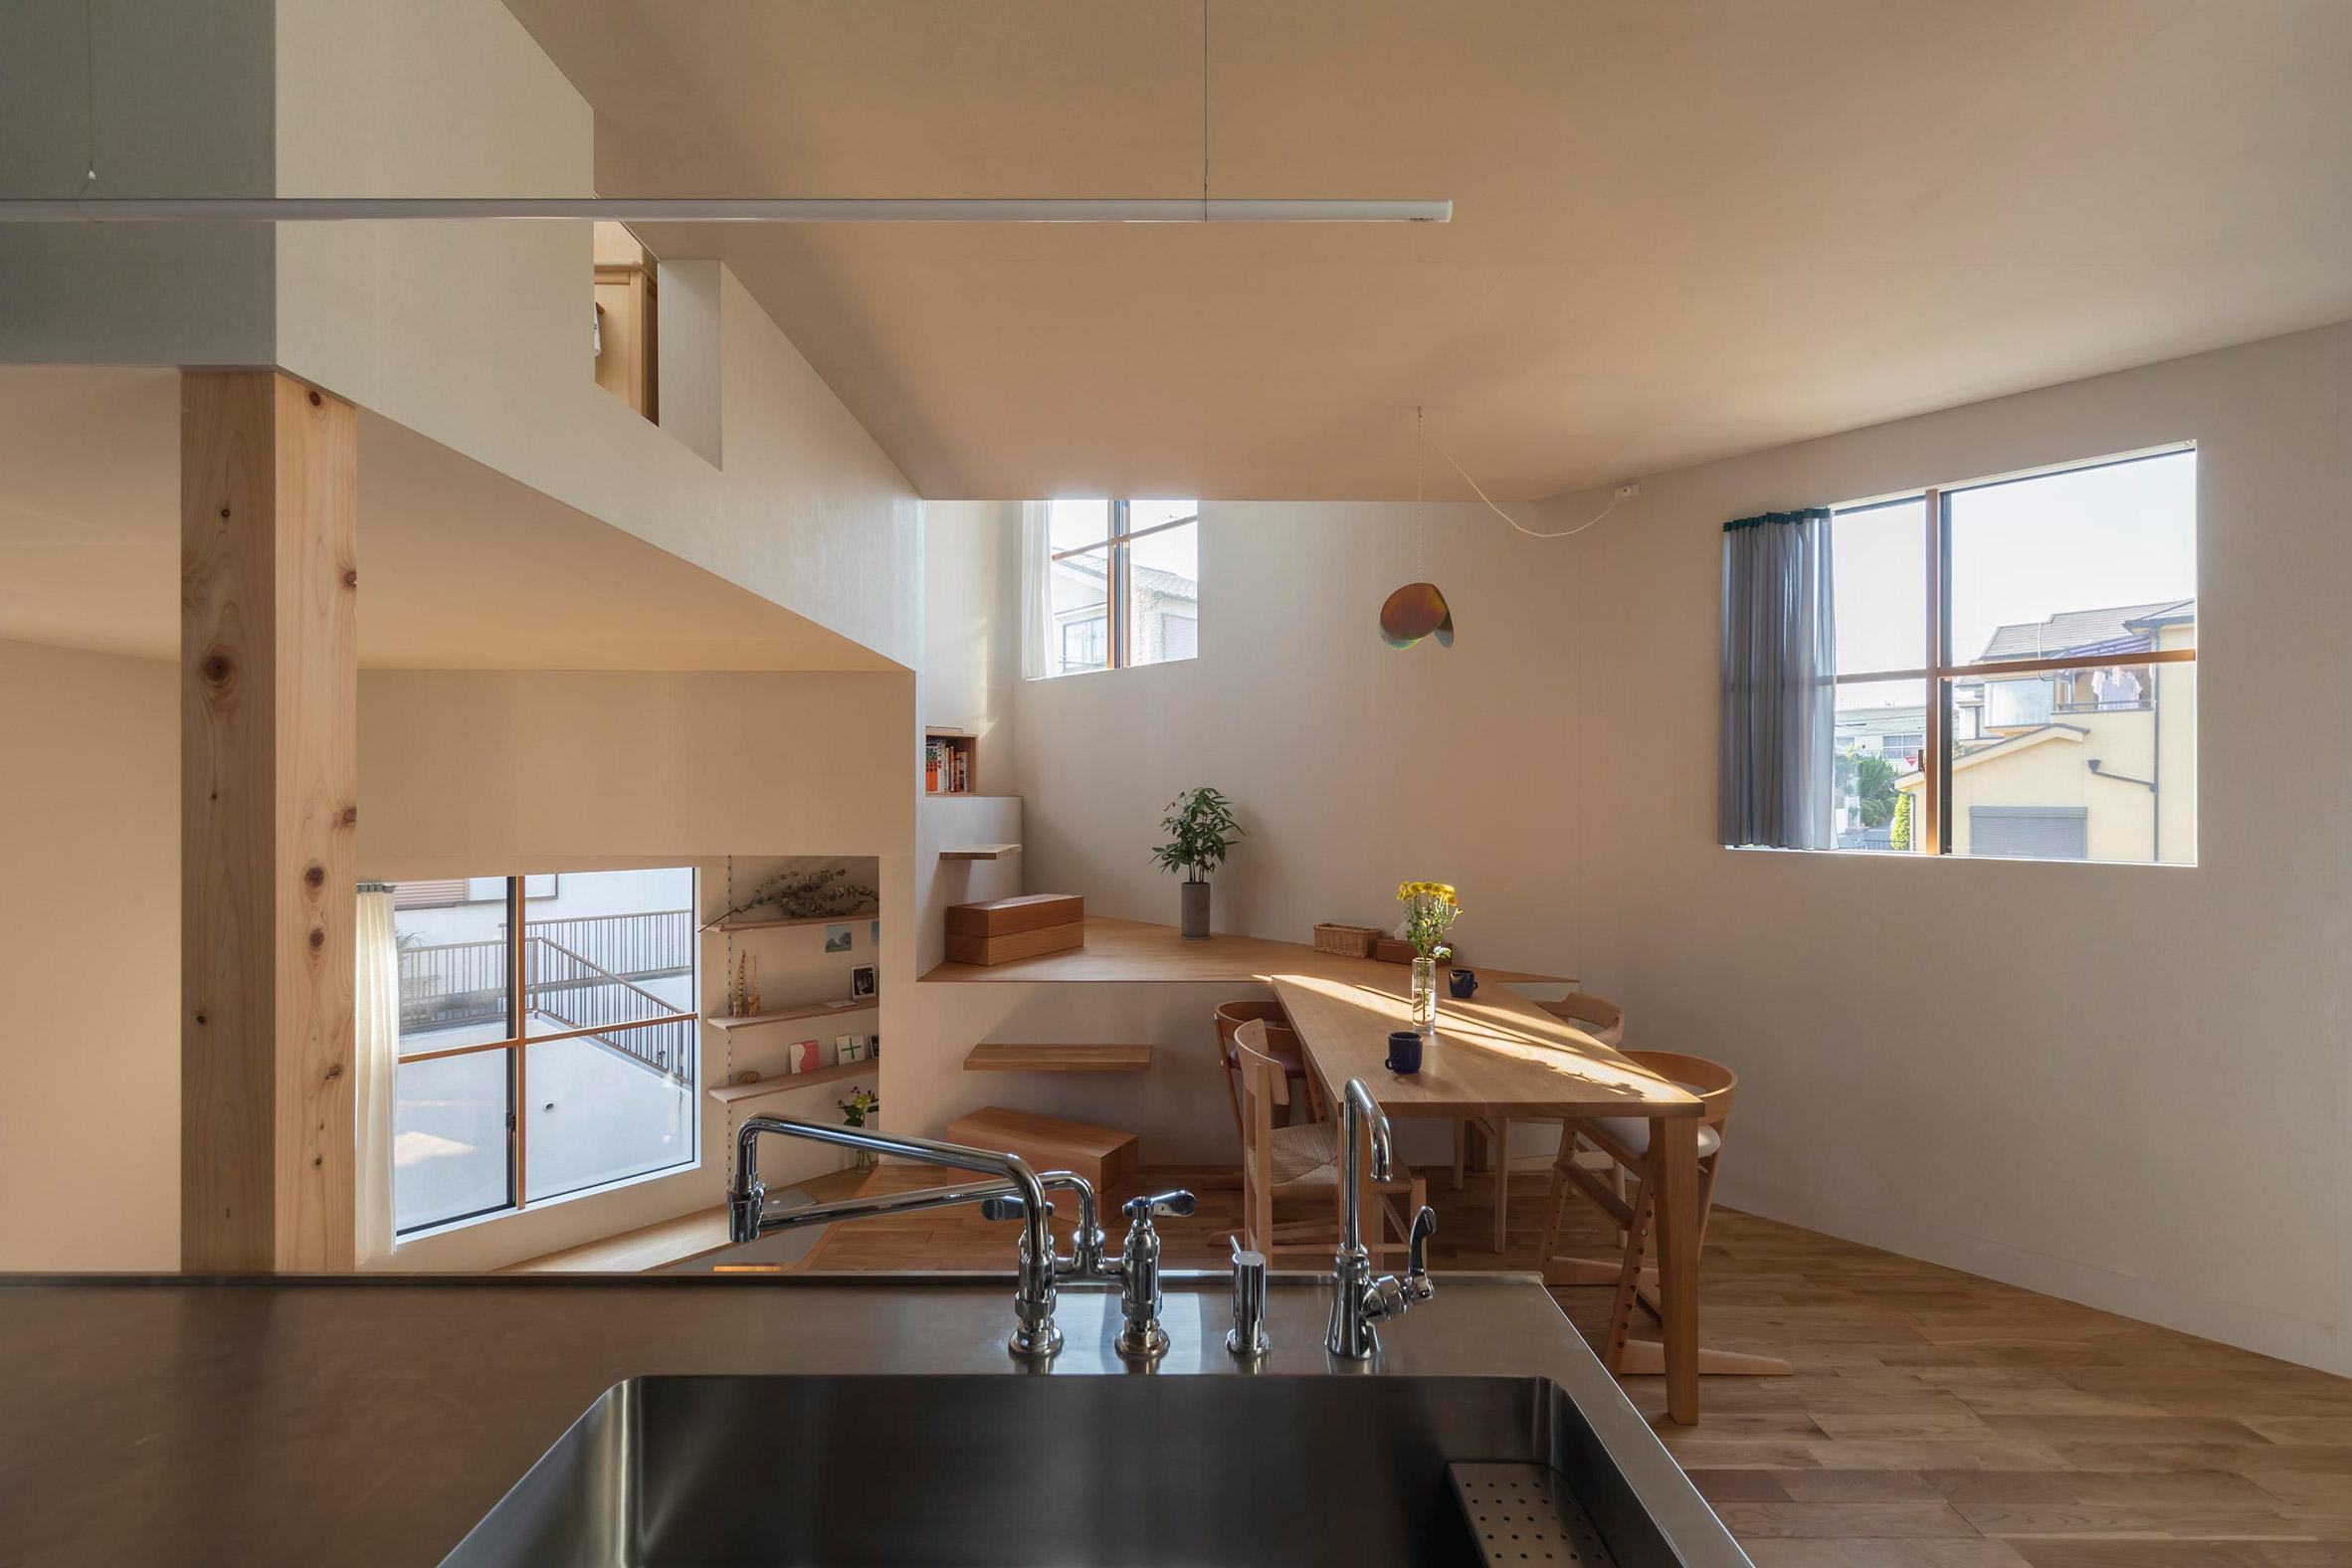 Thiết kế nội thất căn hộ nhỏ 16